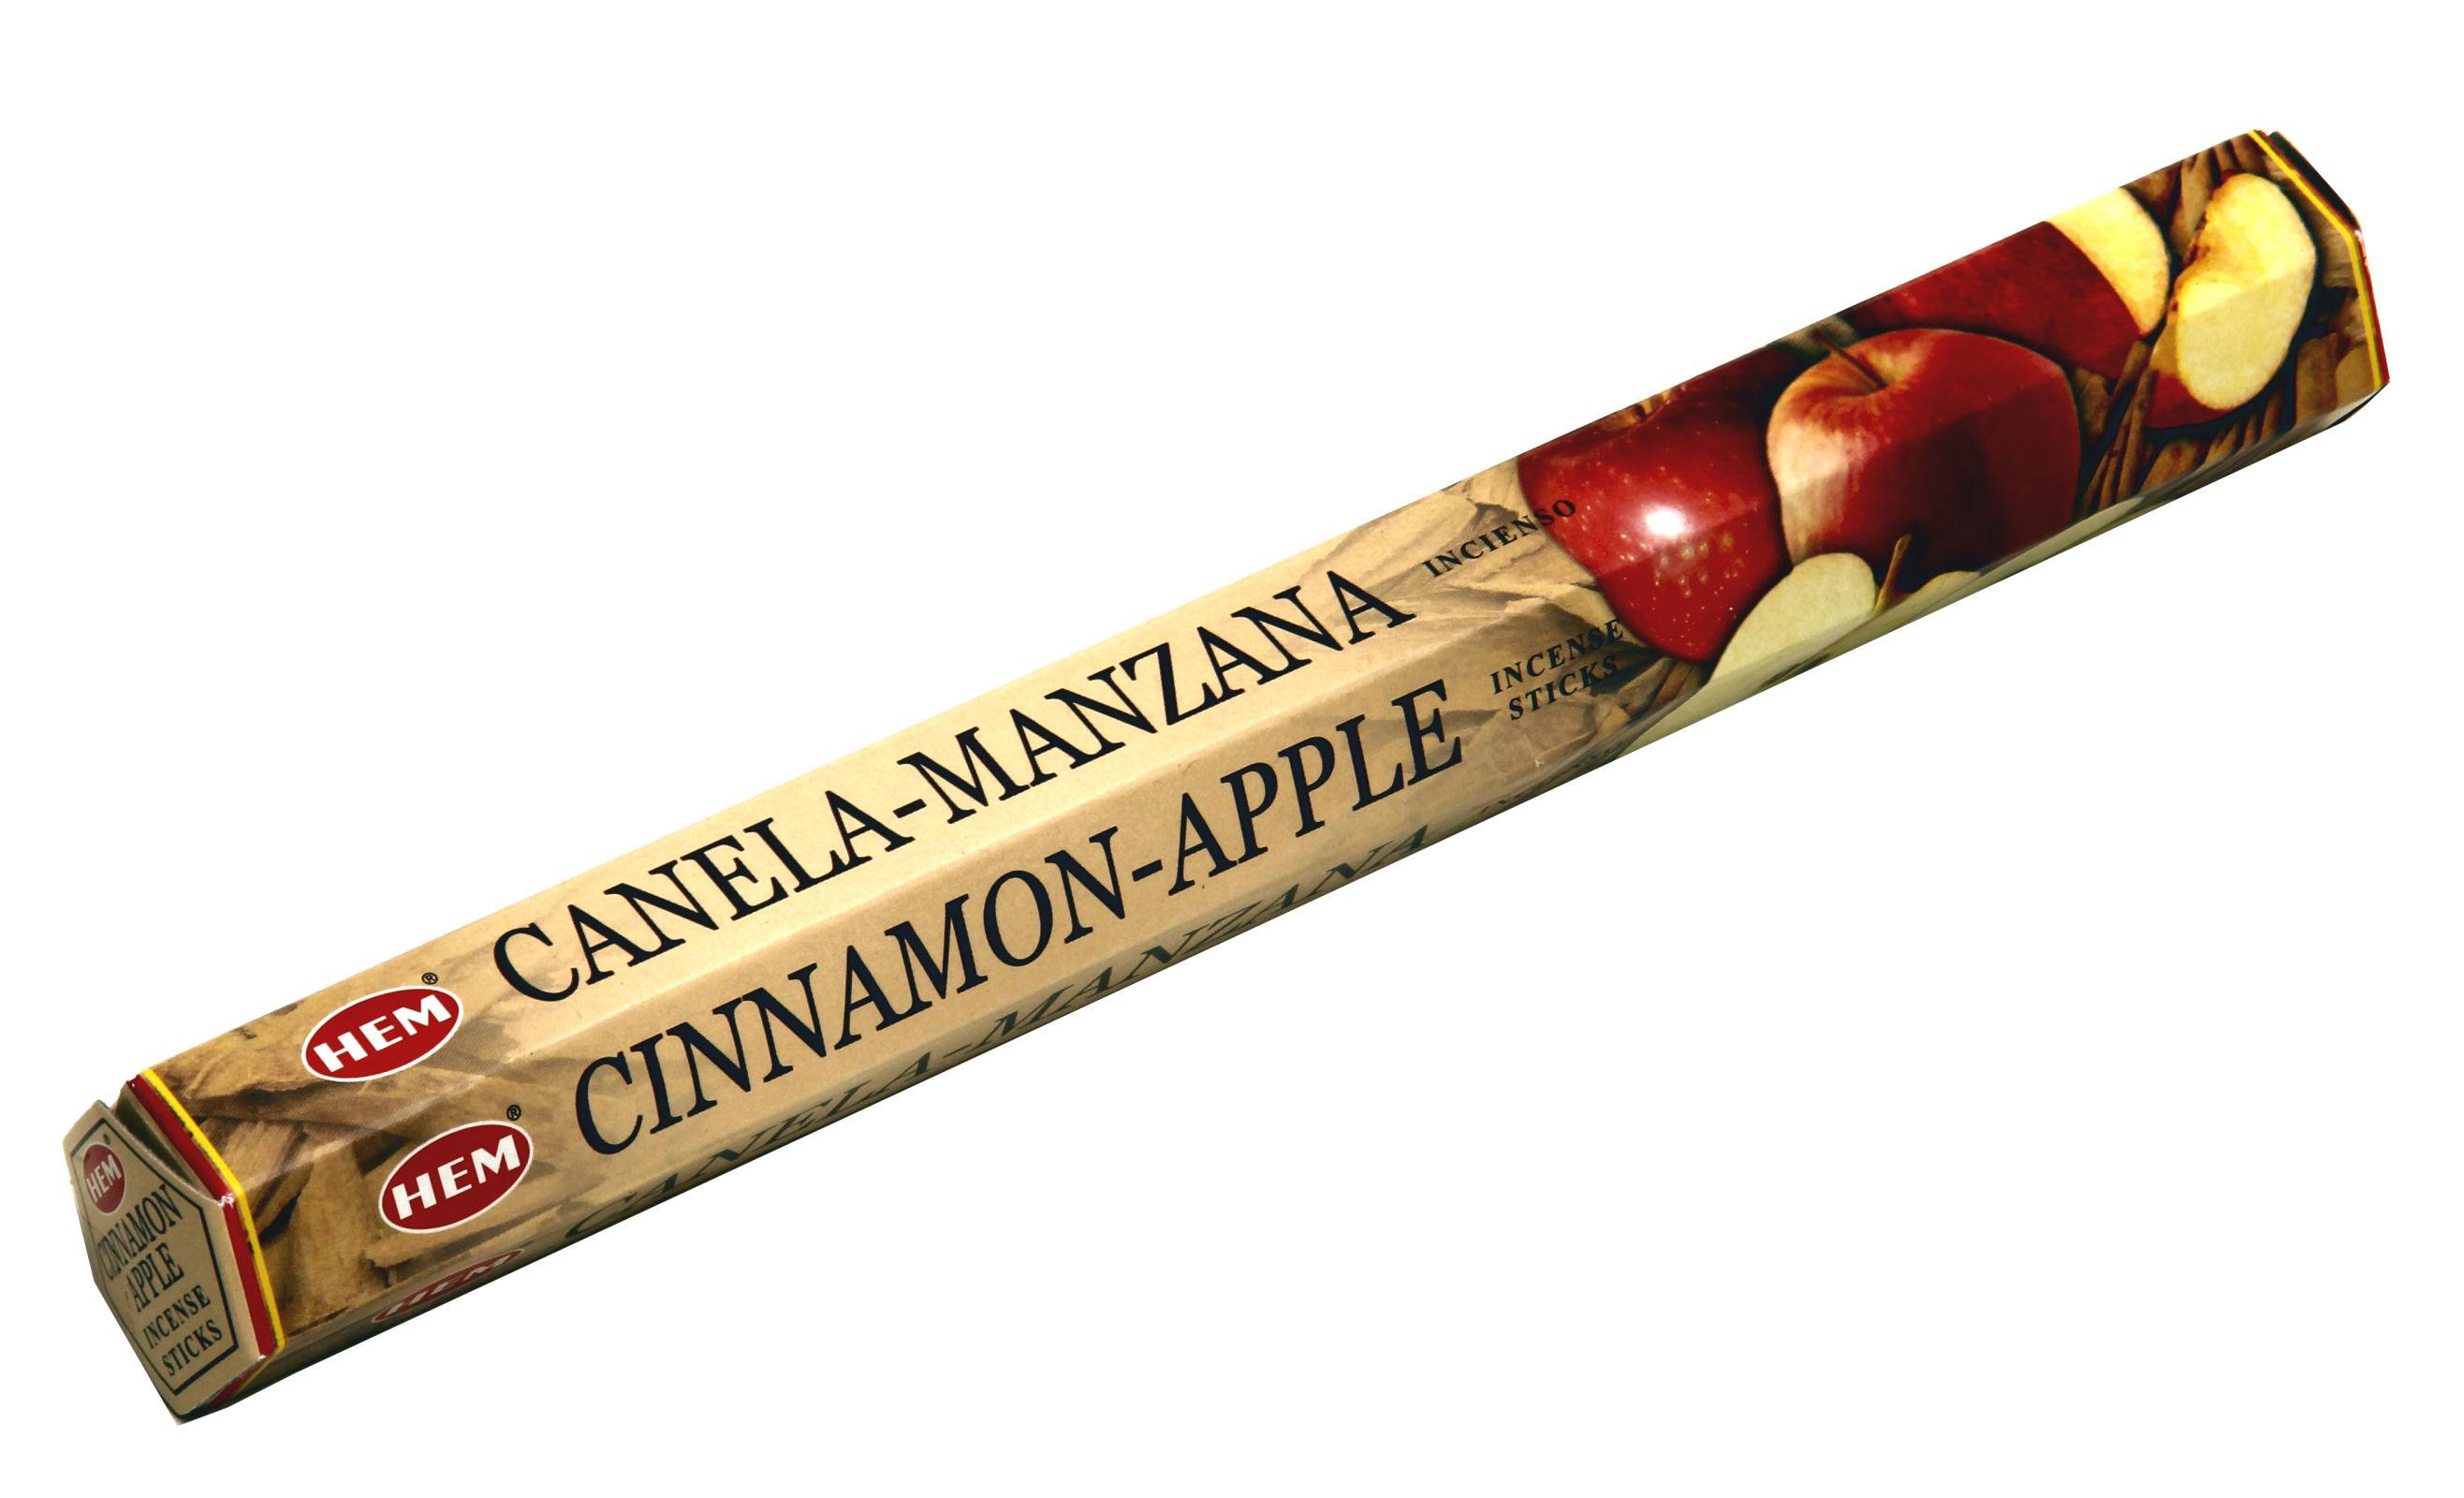 HEM Räucherstäbchen Cinnamon Apple 20g Hexa Packung  Ca. 20 Incence Sticks